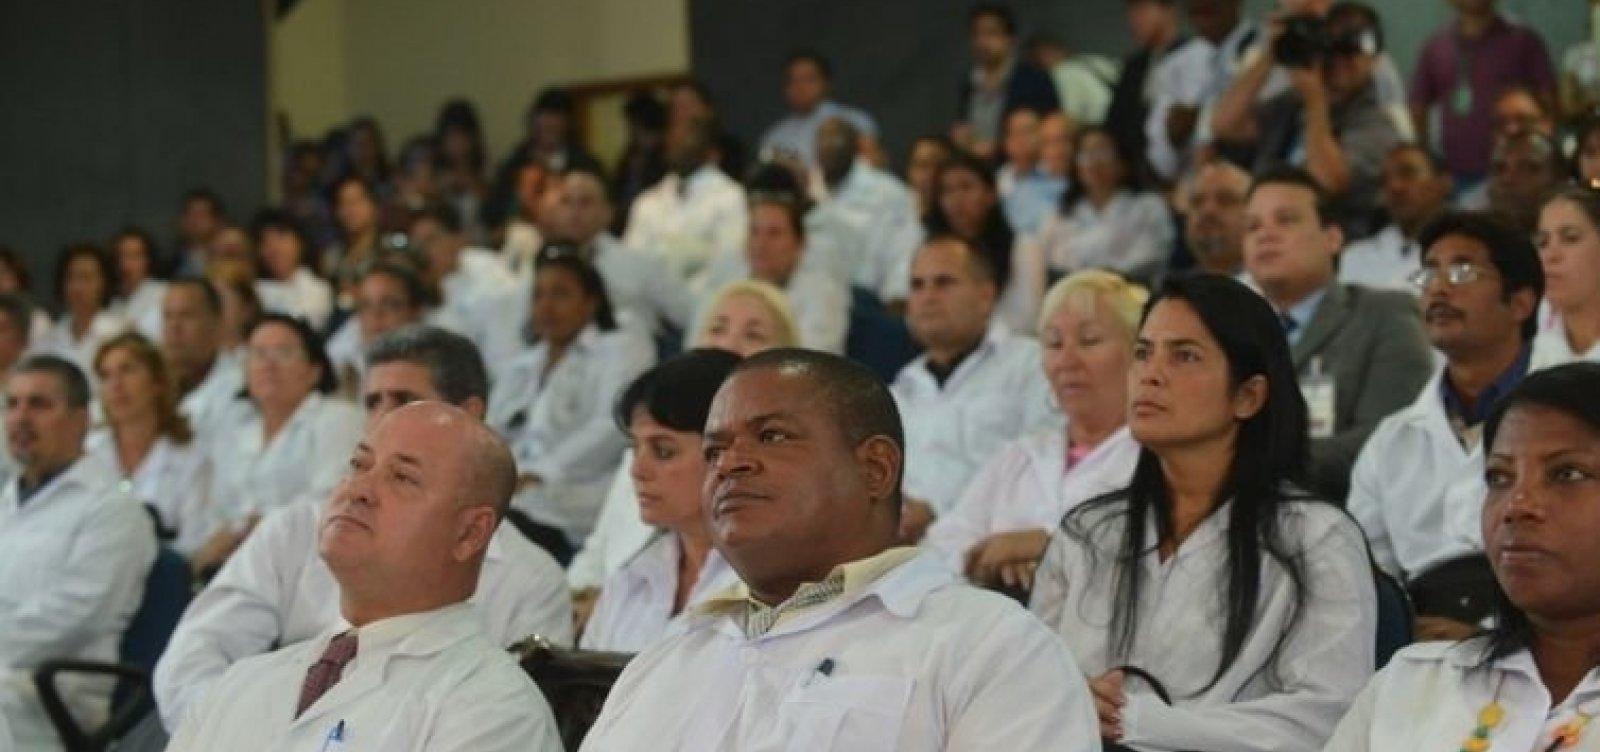 [Começa hoje prazo para os brasileiros que se inscreveram no Mais Médicos se apresentarem nos municípios]